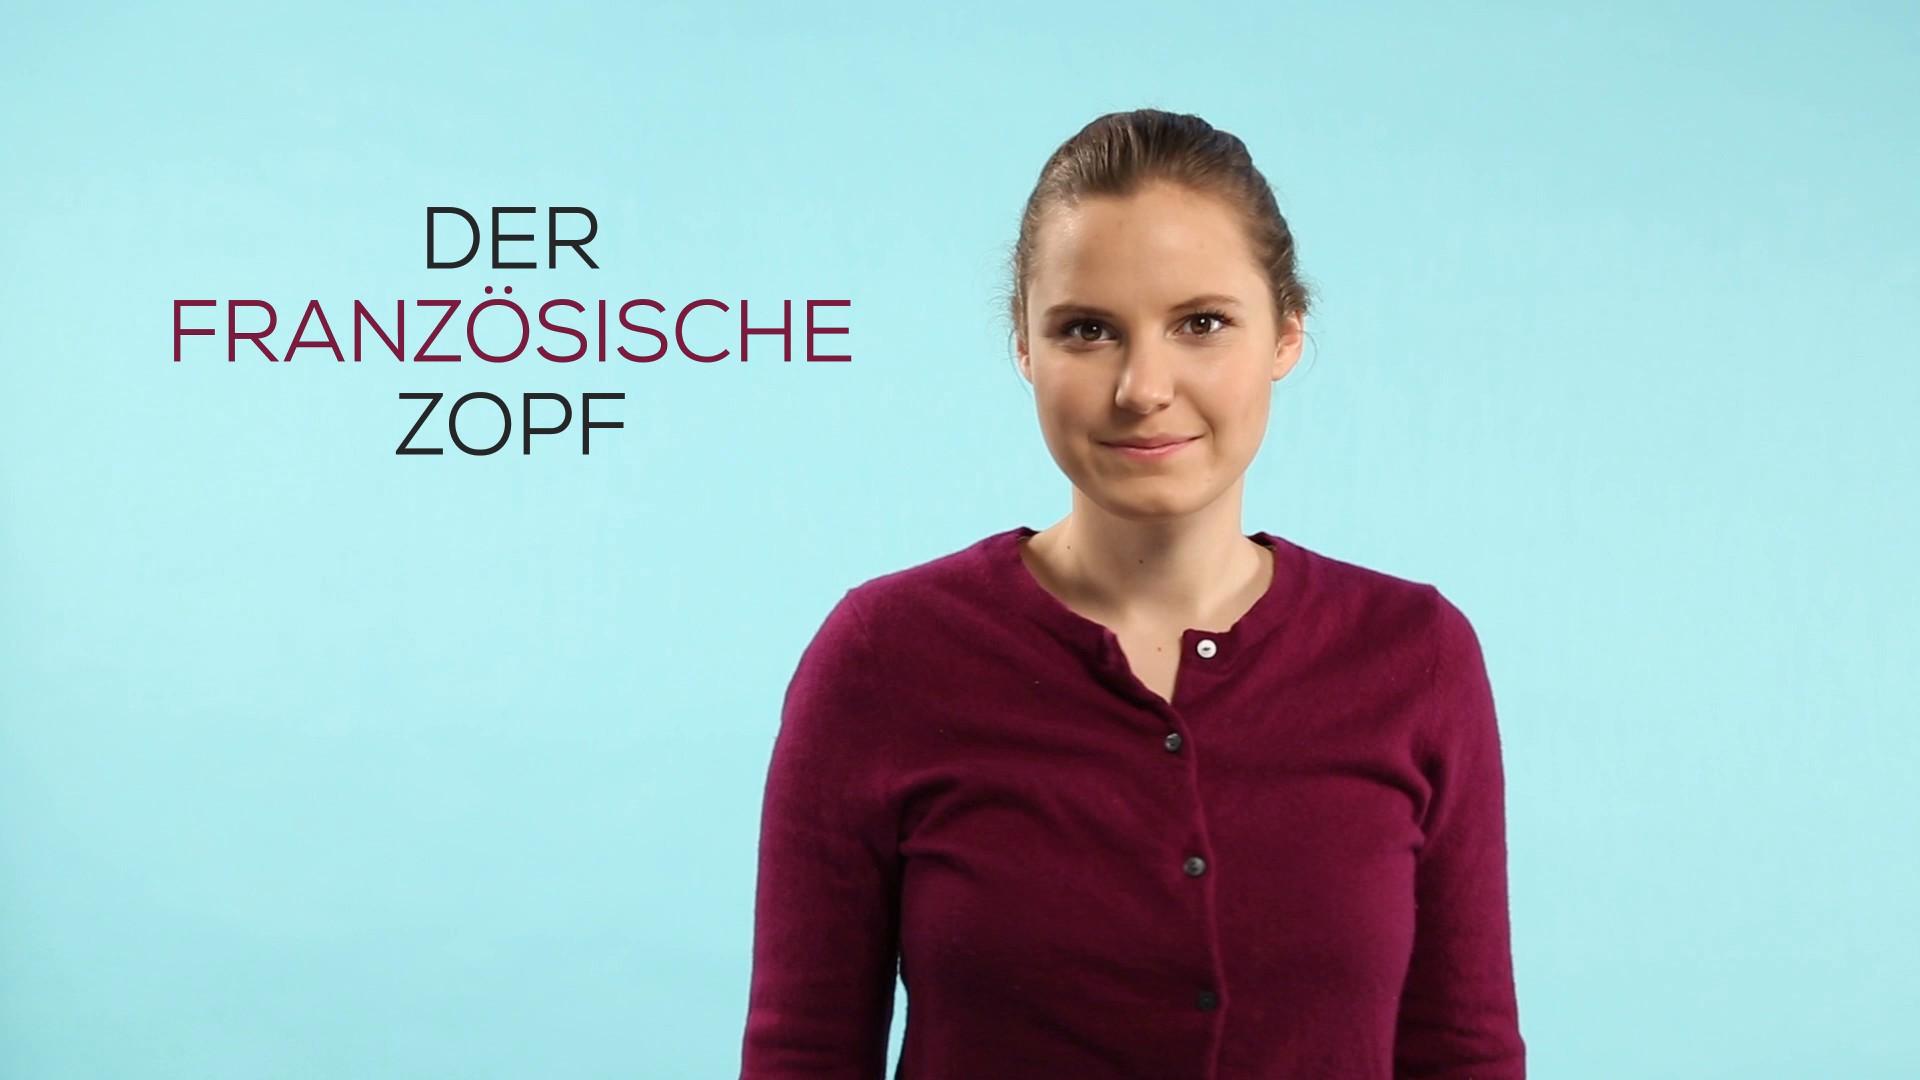 Haare_Französicher Zopf_EL.mp4: image 0